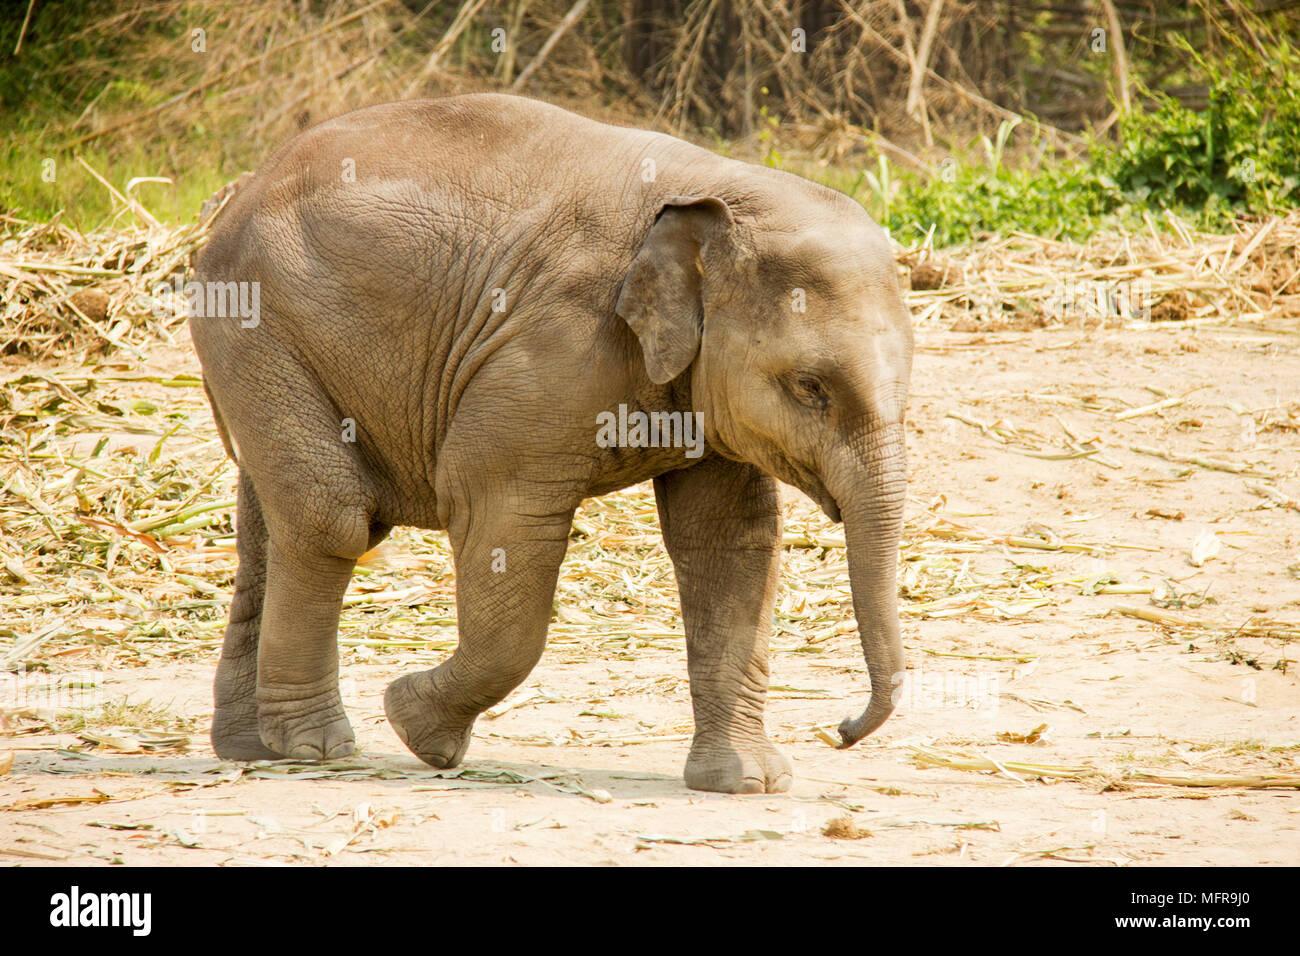 Baby elefante Asiatico isolato a piedi nella natura Immagini Stock